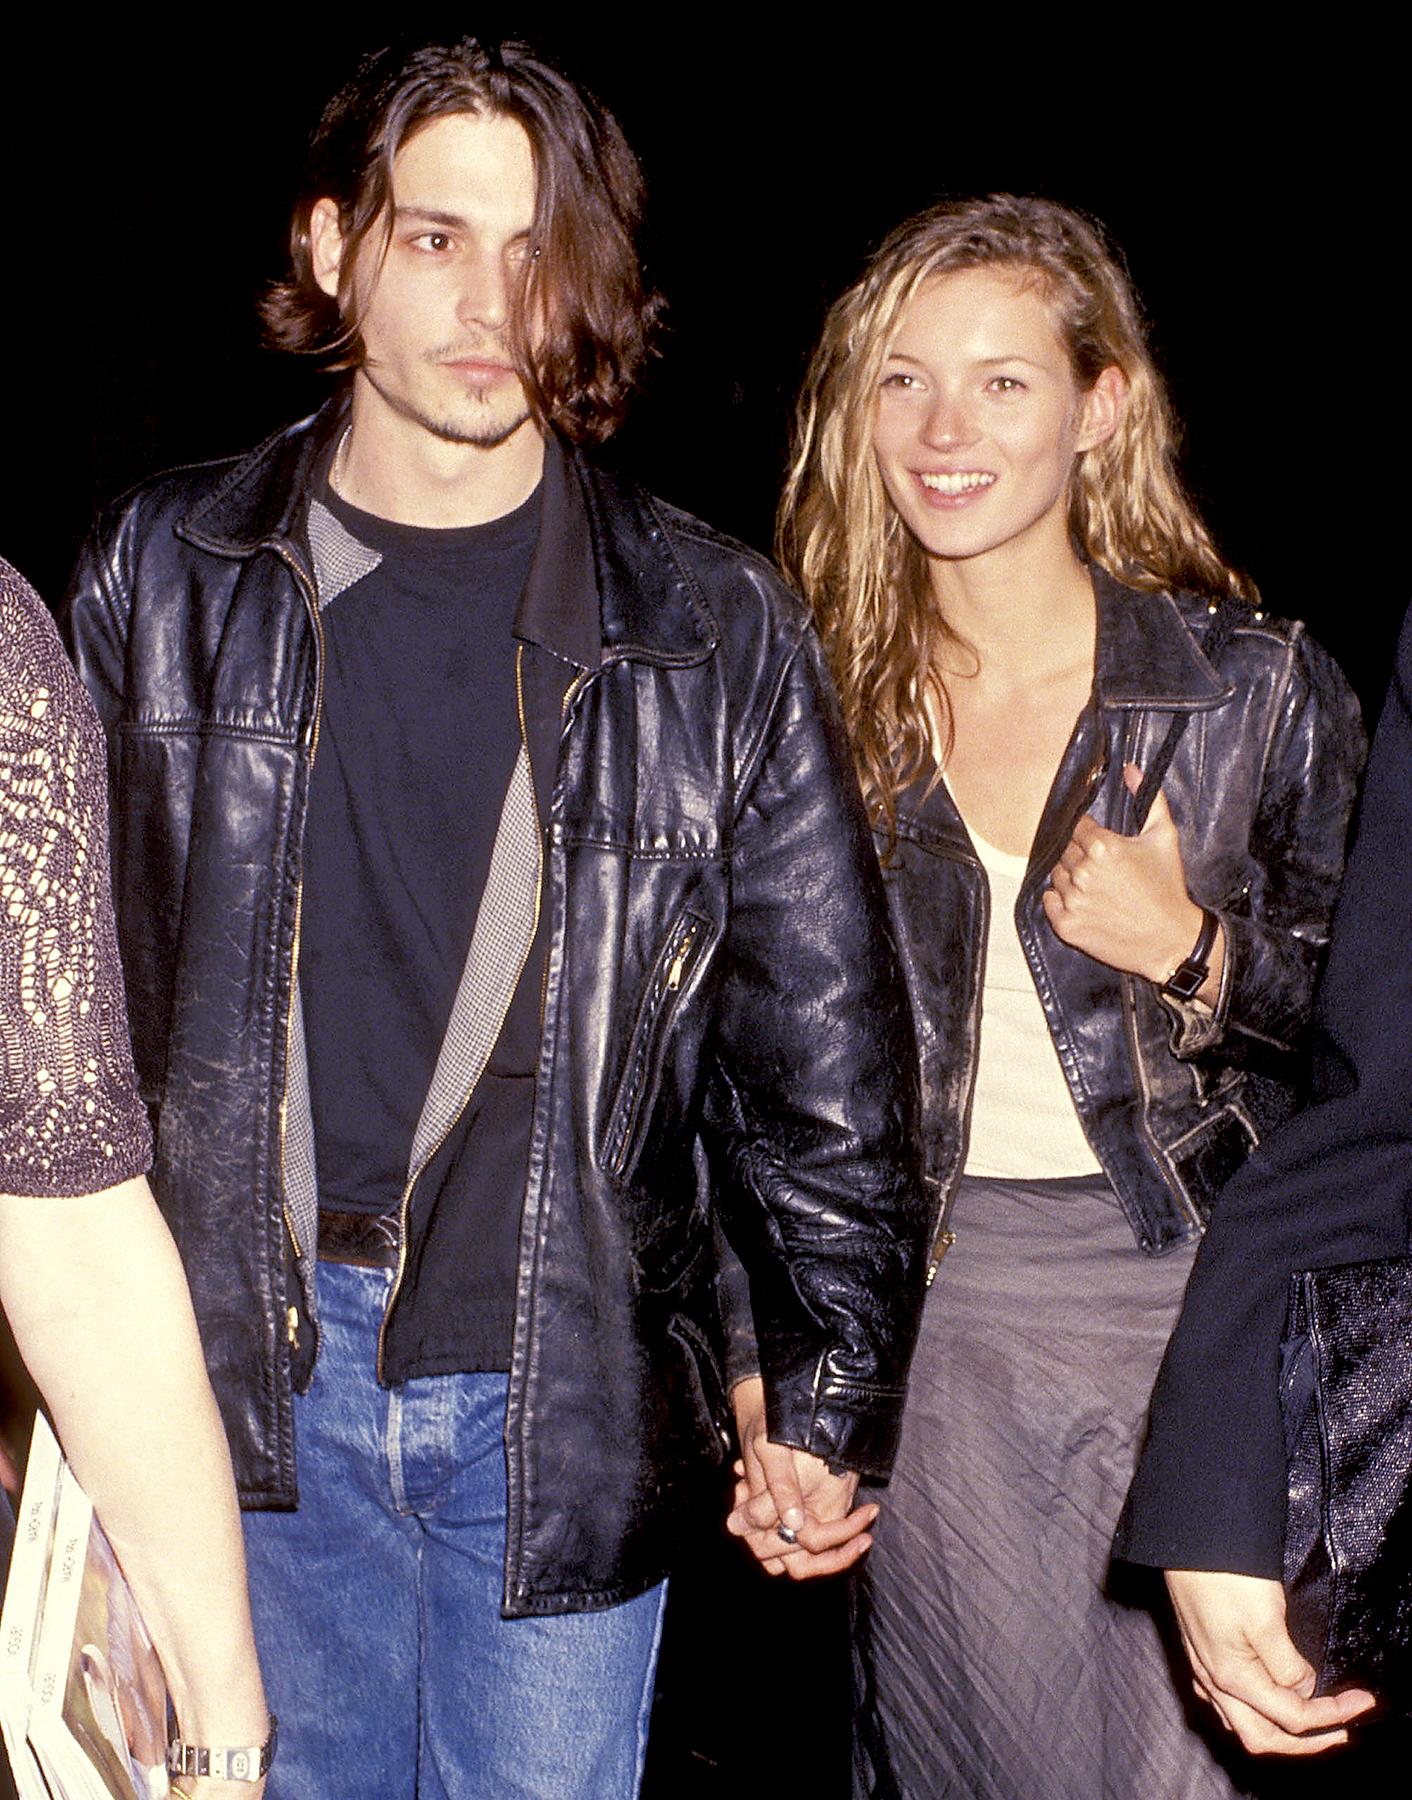 Johnny Depp S Romantic History From Amber Heard To Winona